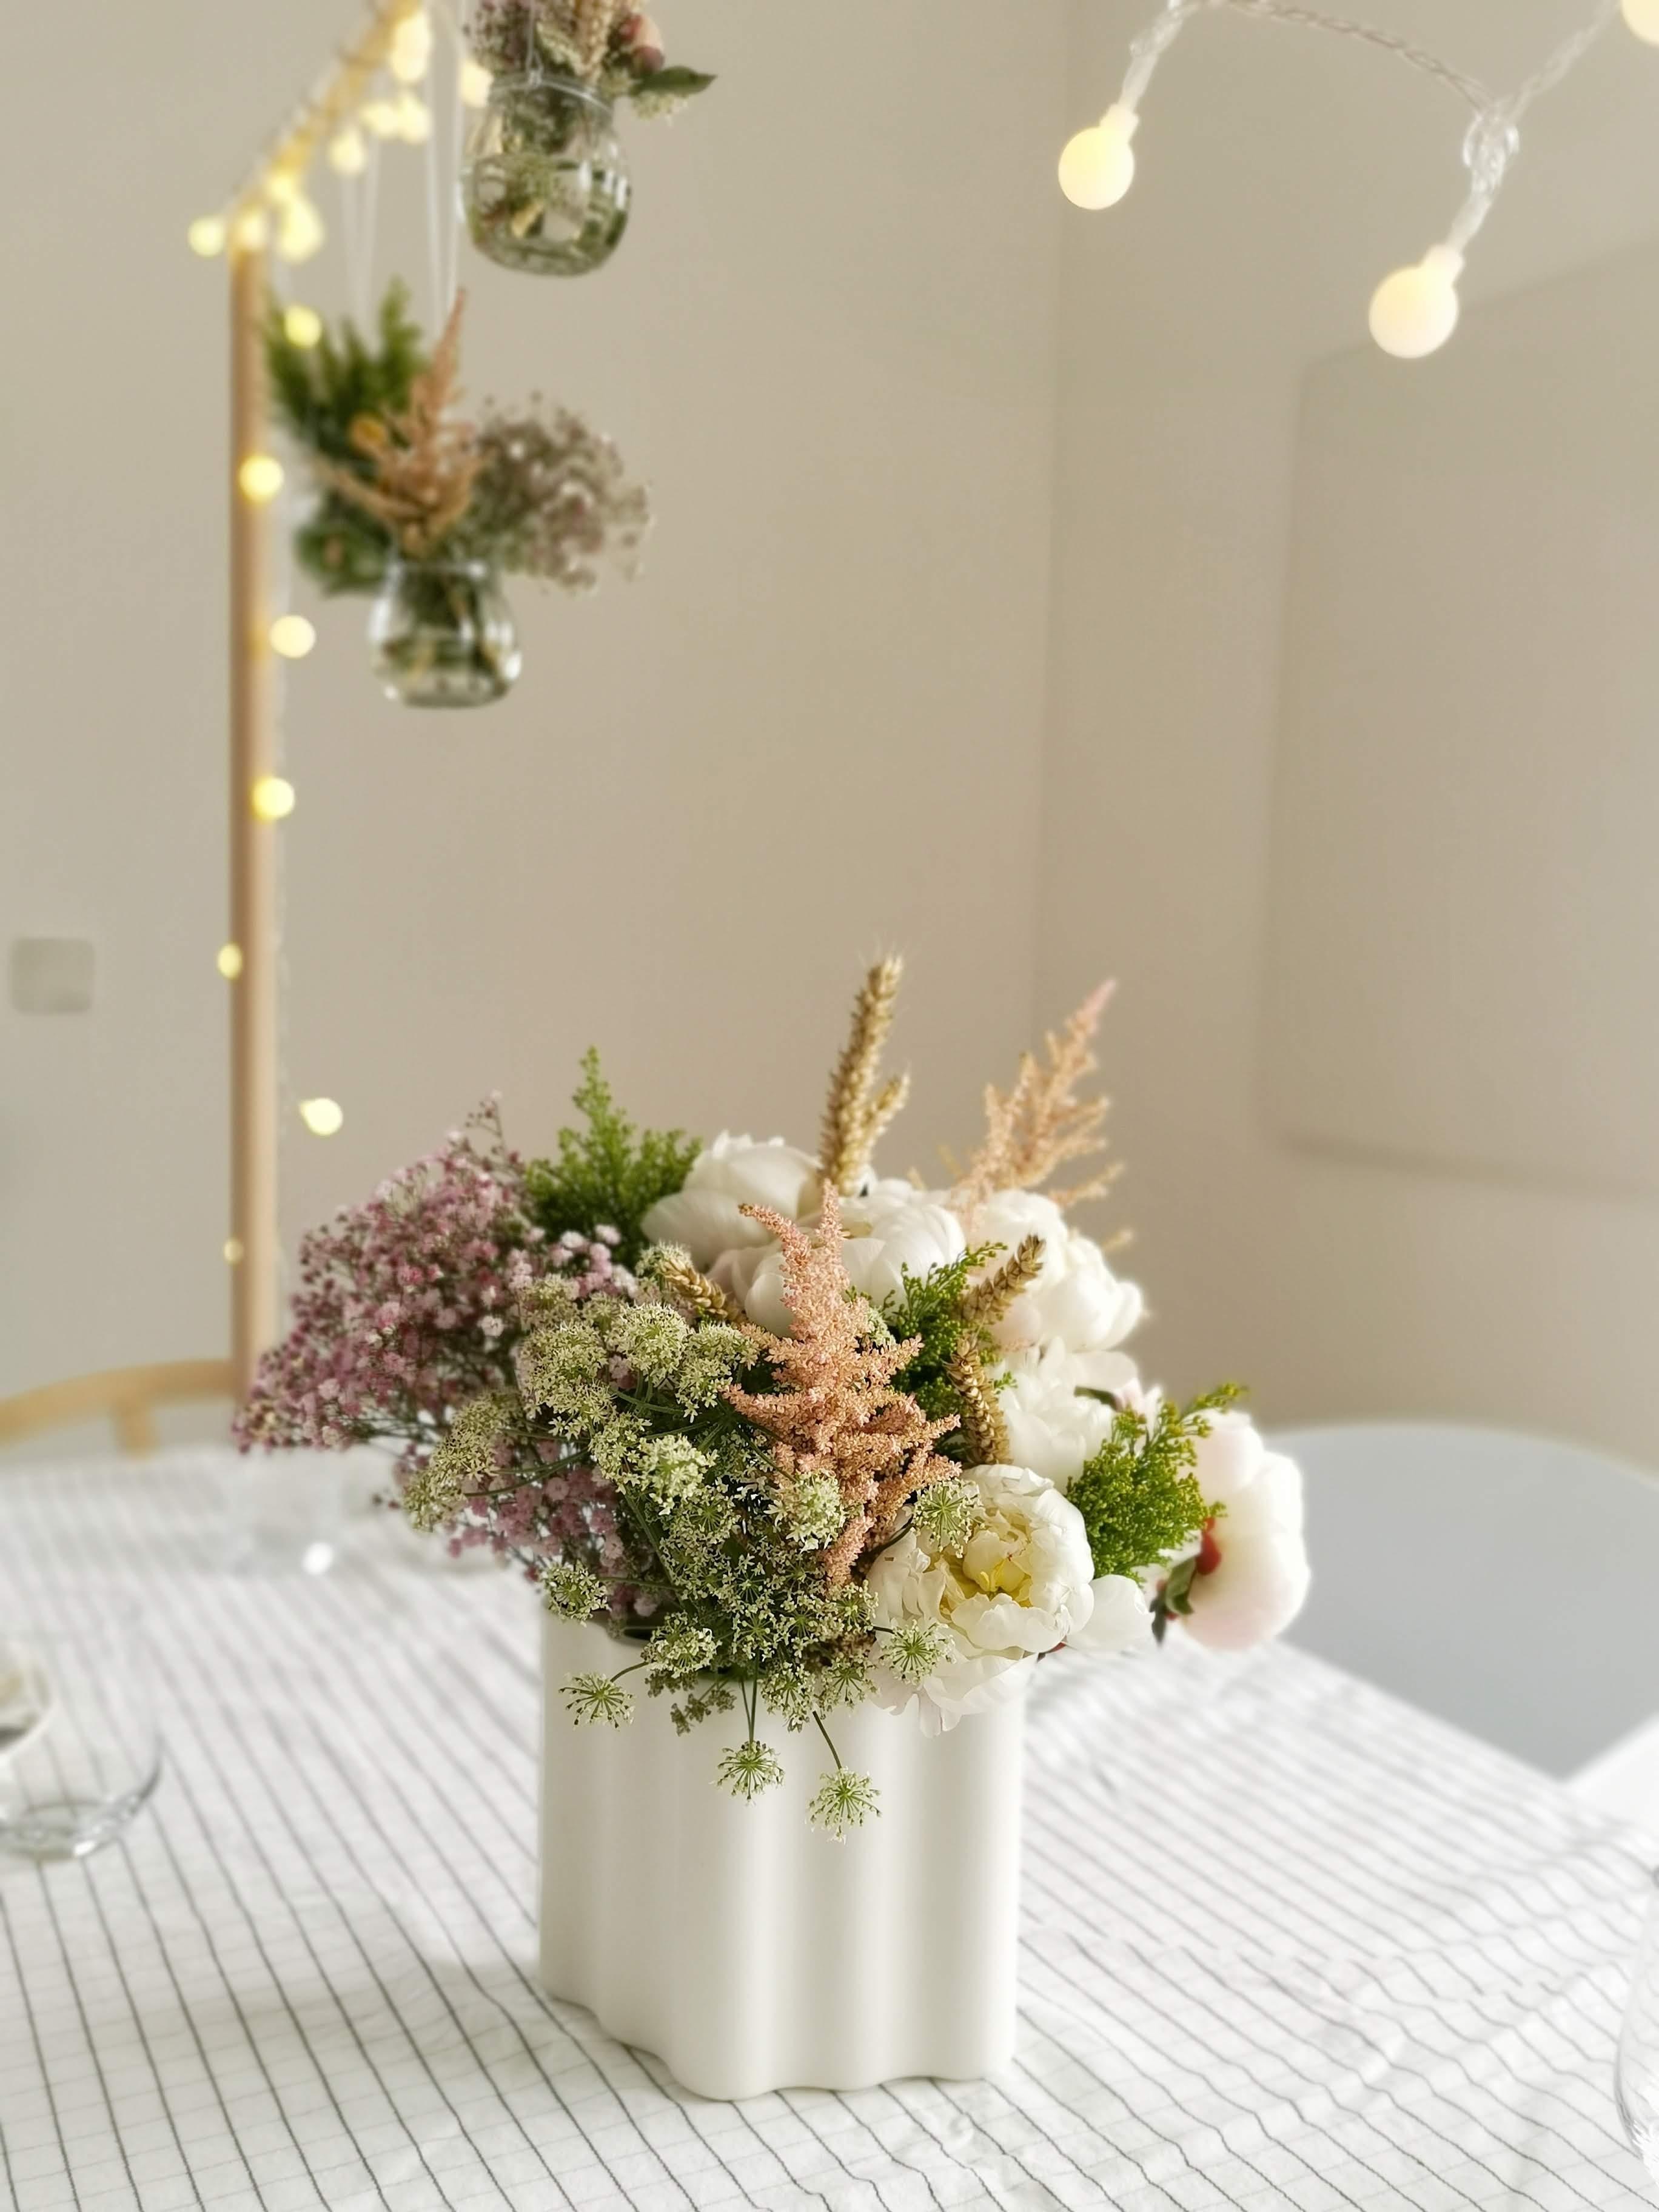 DIY-Tafelklemme für das Halten hängender Deko über dem Tisch | mammilade.com